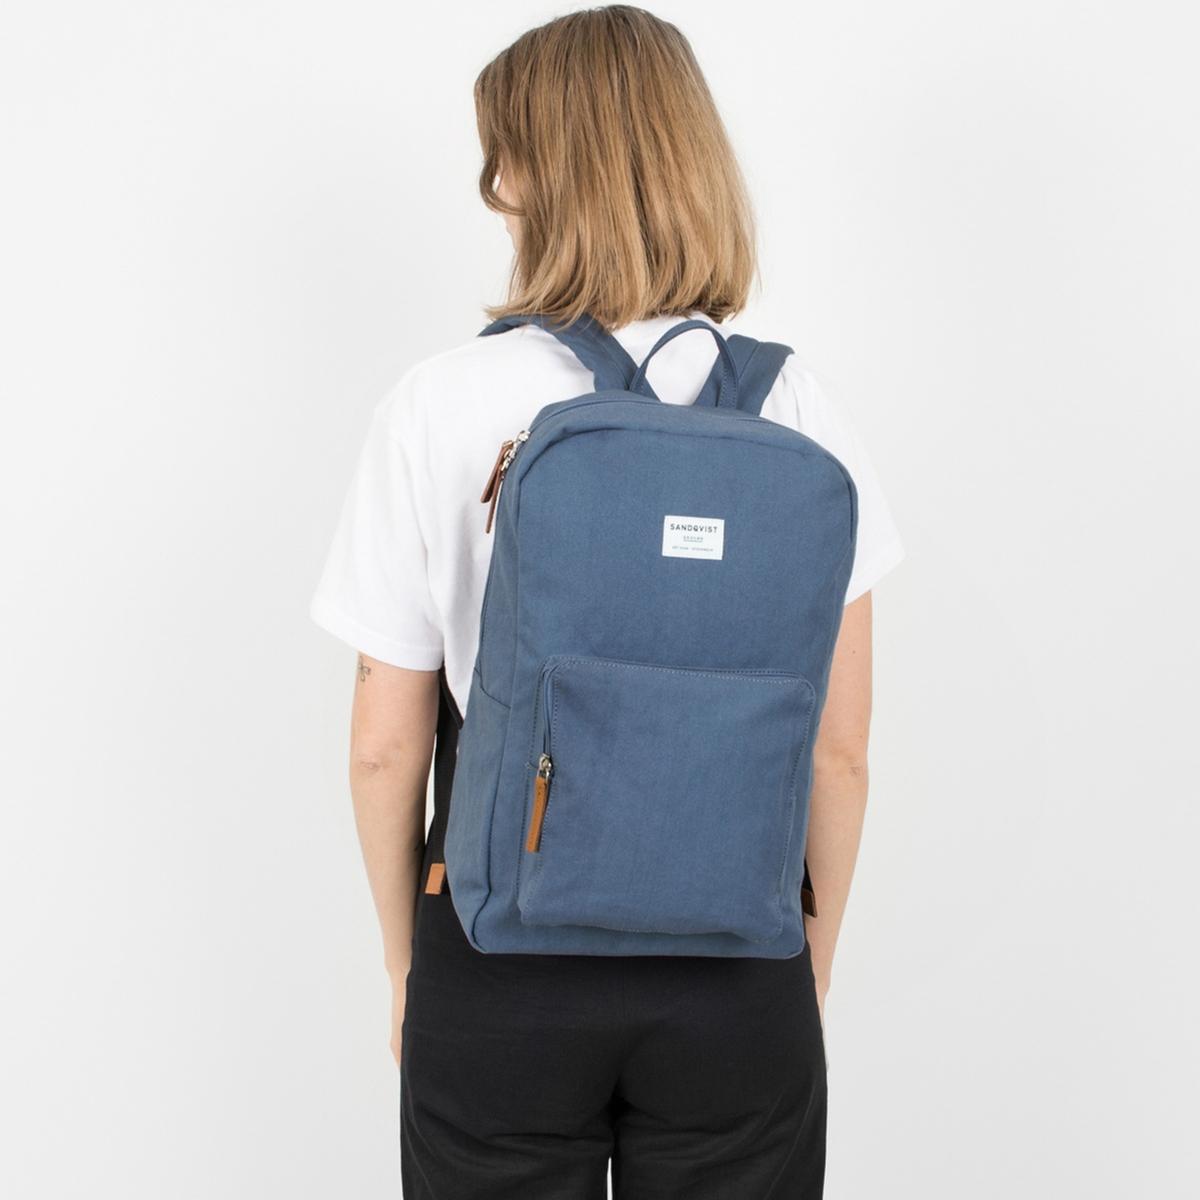 Рюкзак La Redoute Для ноутбука на молнии дюймов KIM единый размер синий ботильоны la redoute кожаные на молнии размеры 26 каштановый